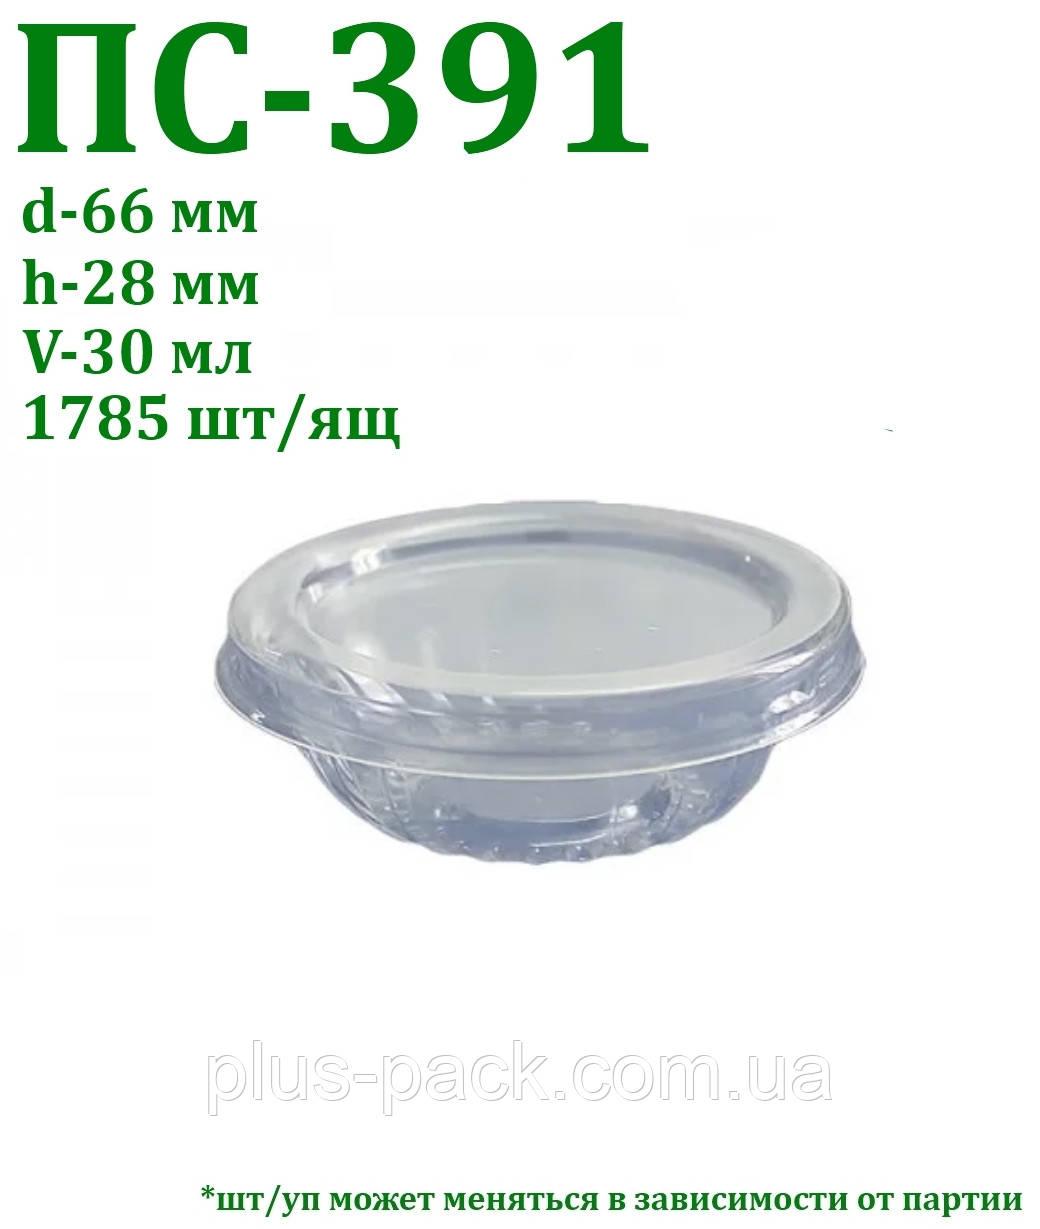 Блістерна одноразова упаковка для соусу ПС-391 (30 мл)